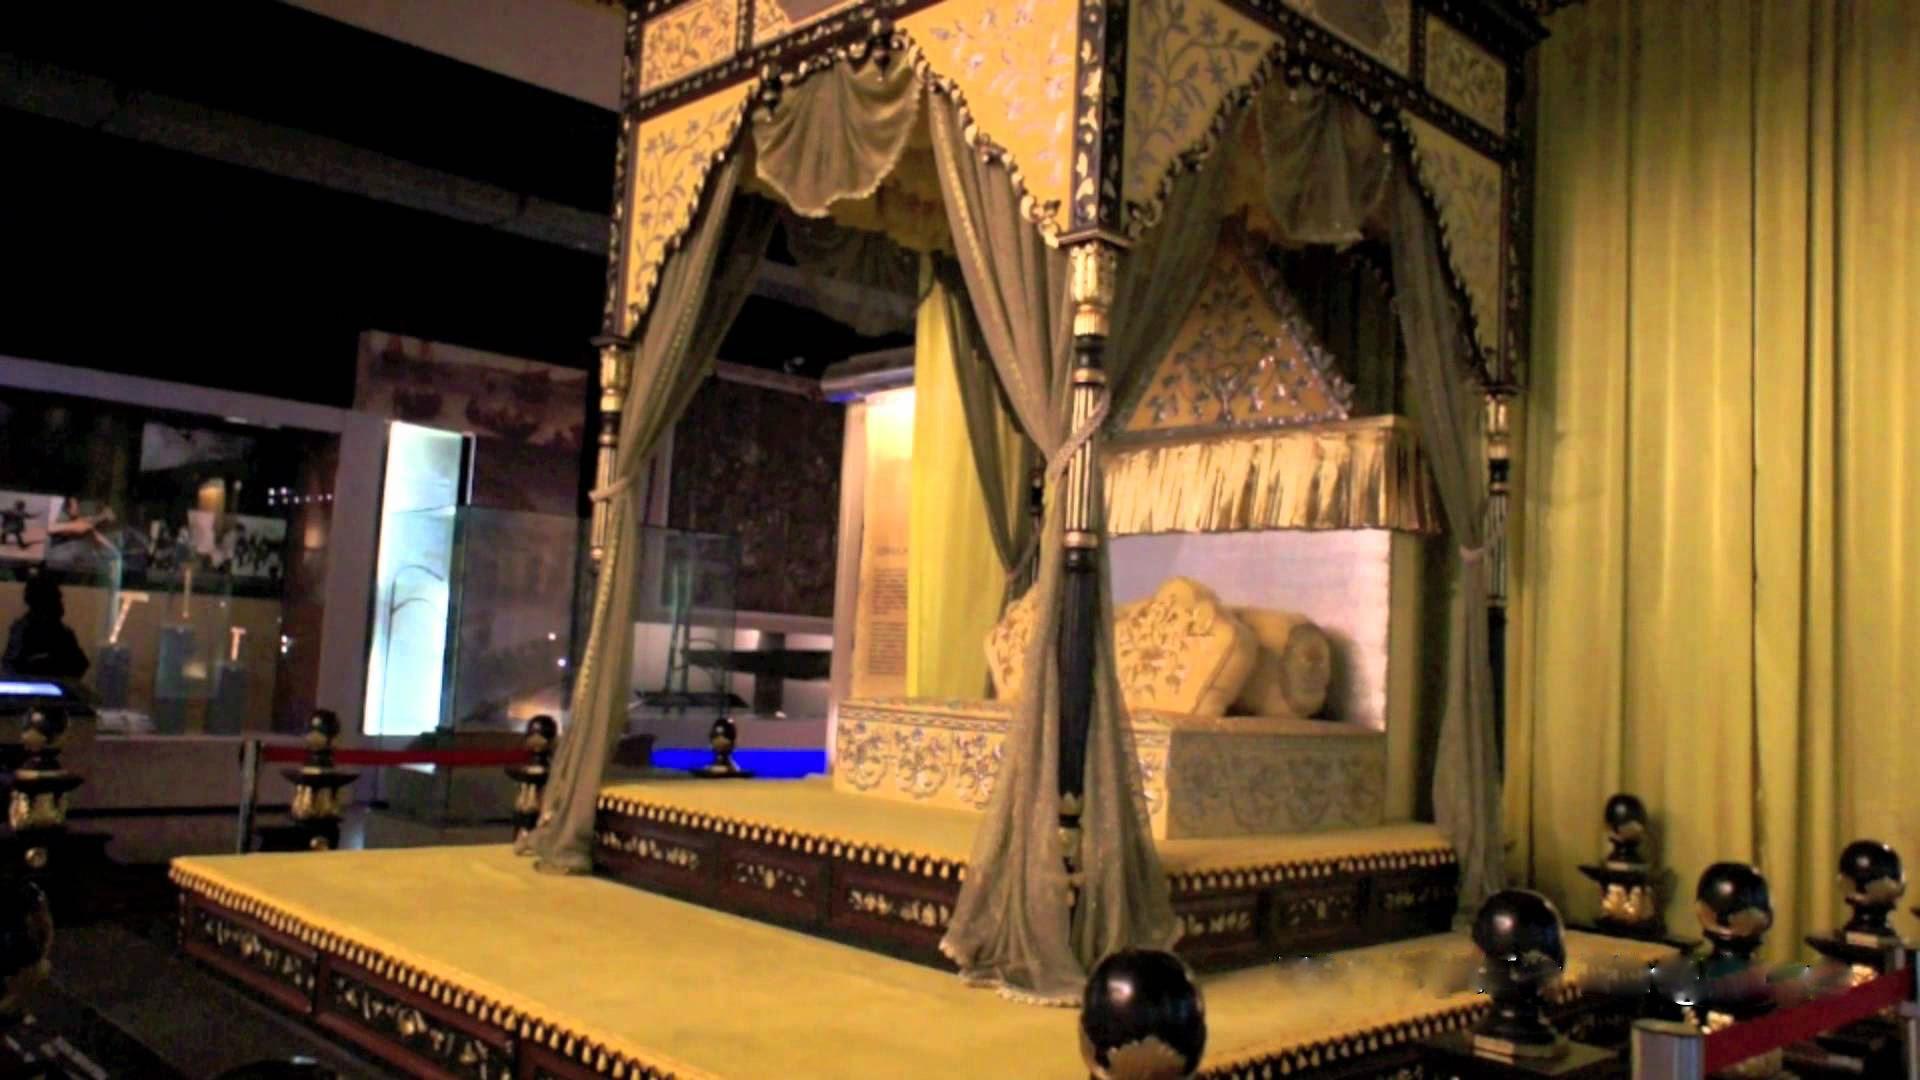 المتحف الوطني في كوالالمبور